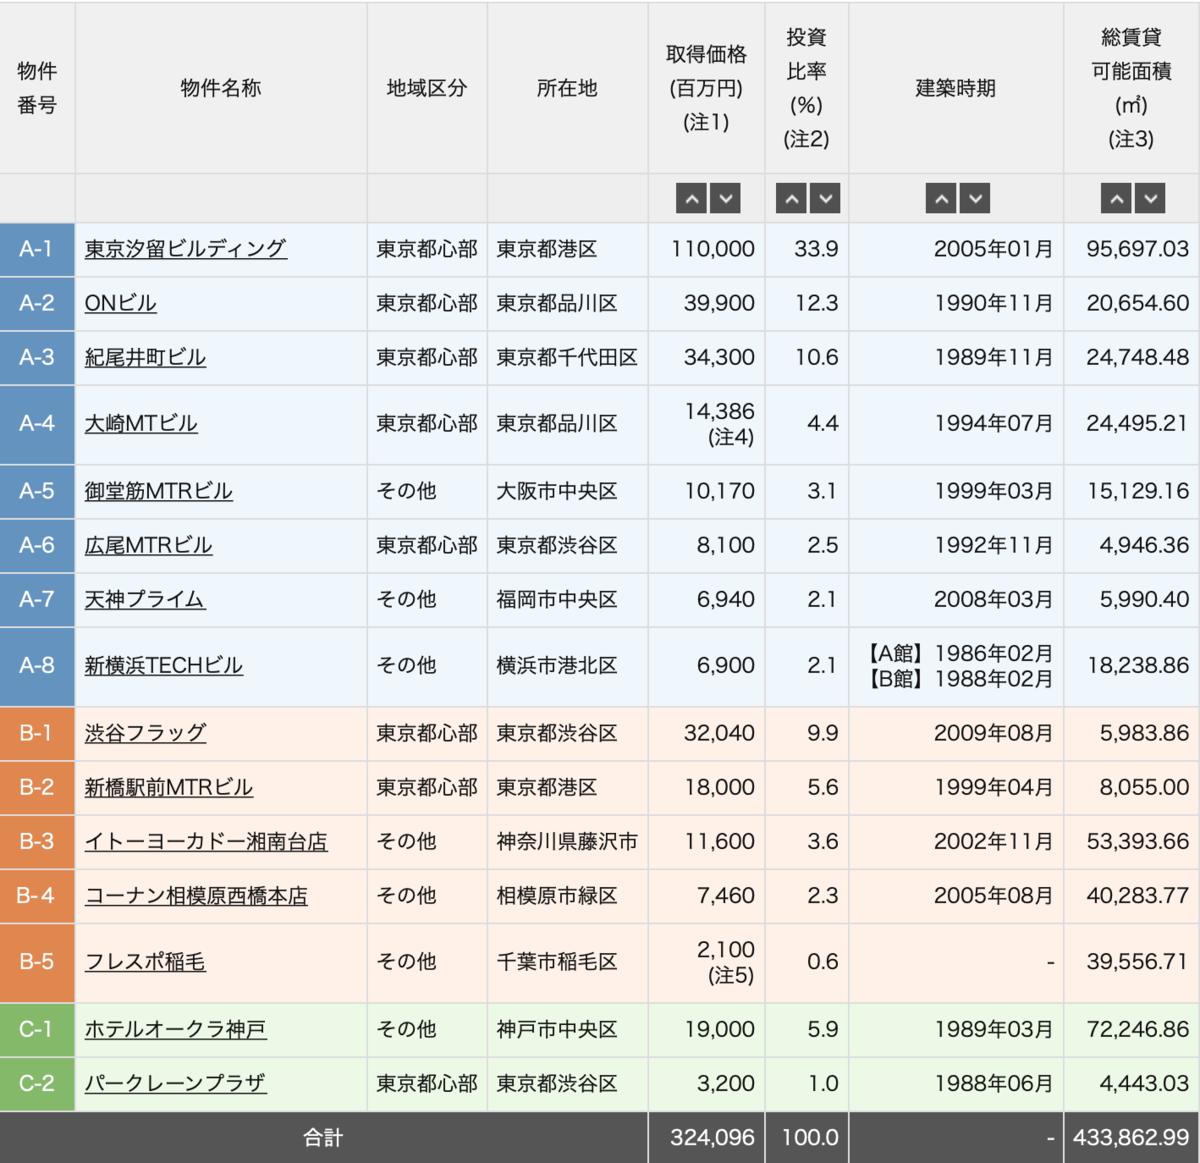 f:id:investor_tanuki:20210603170945p:plain